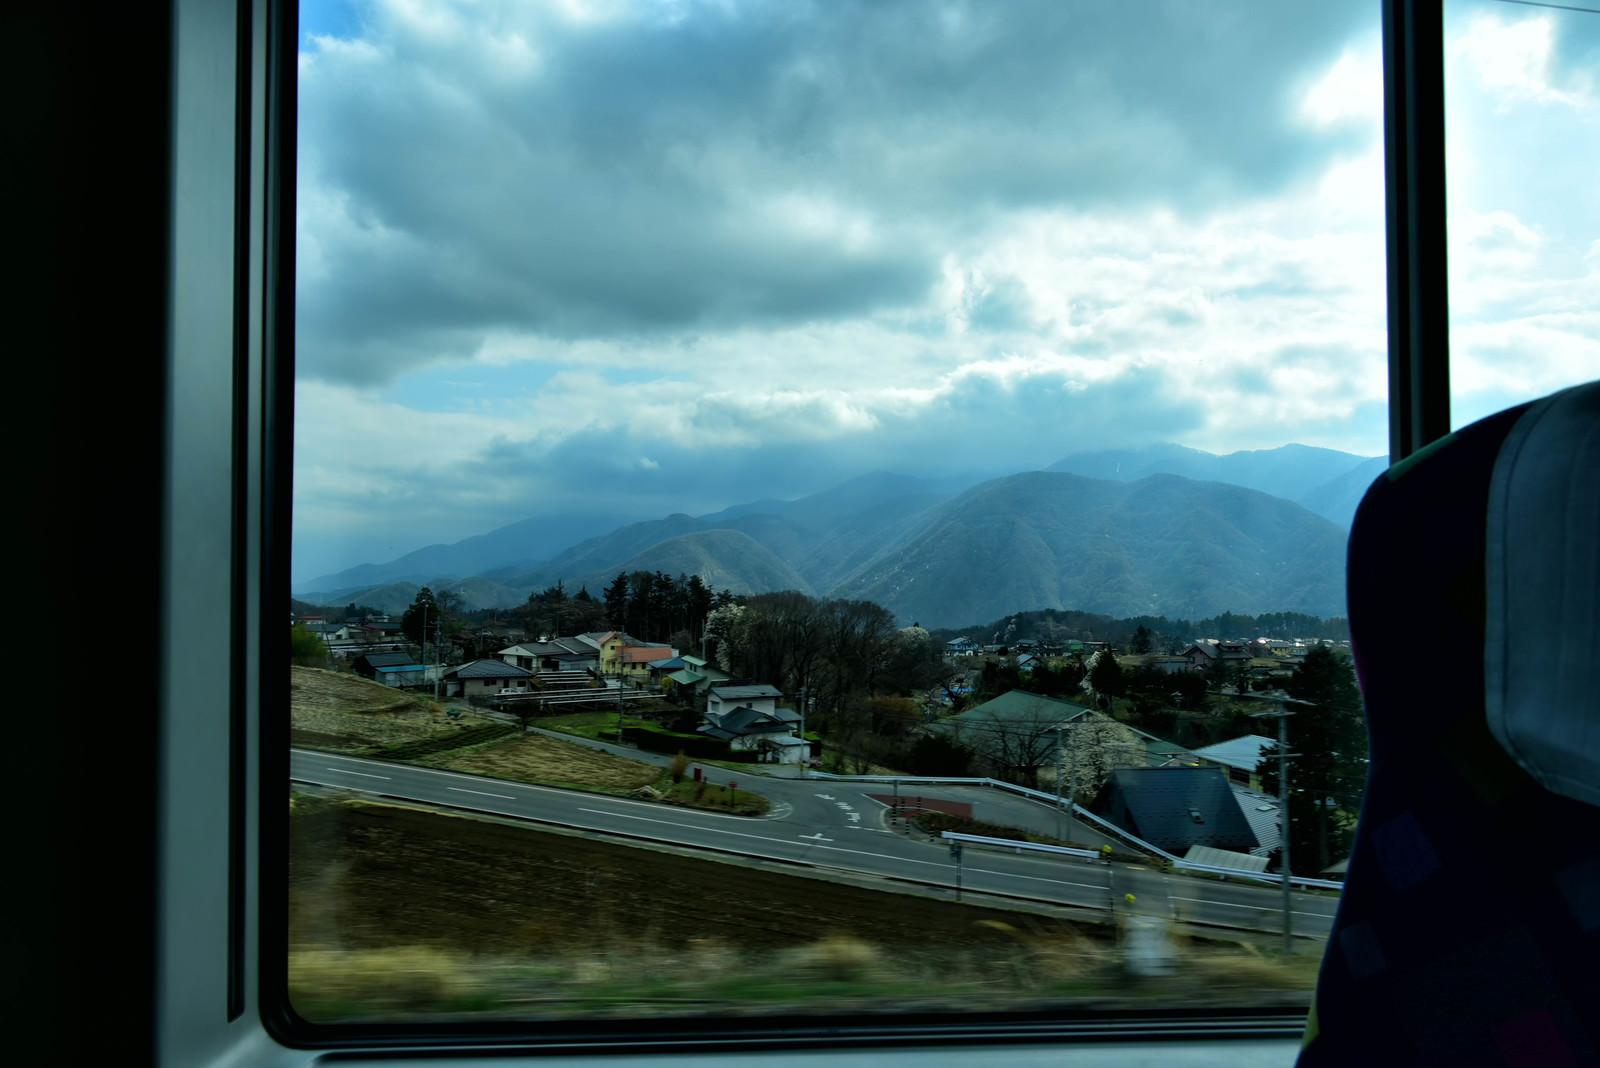 「車窓の中の南アルプス」の写真